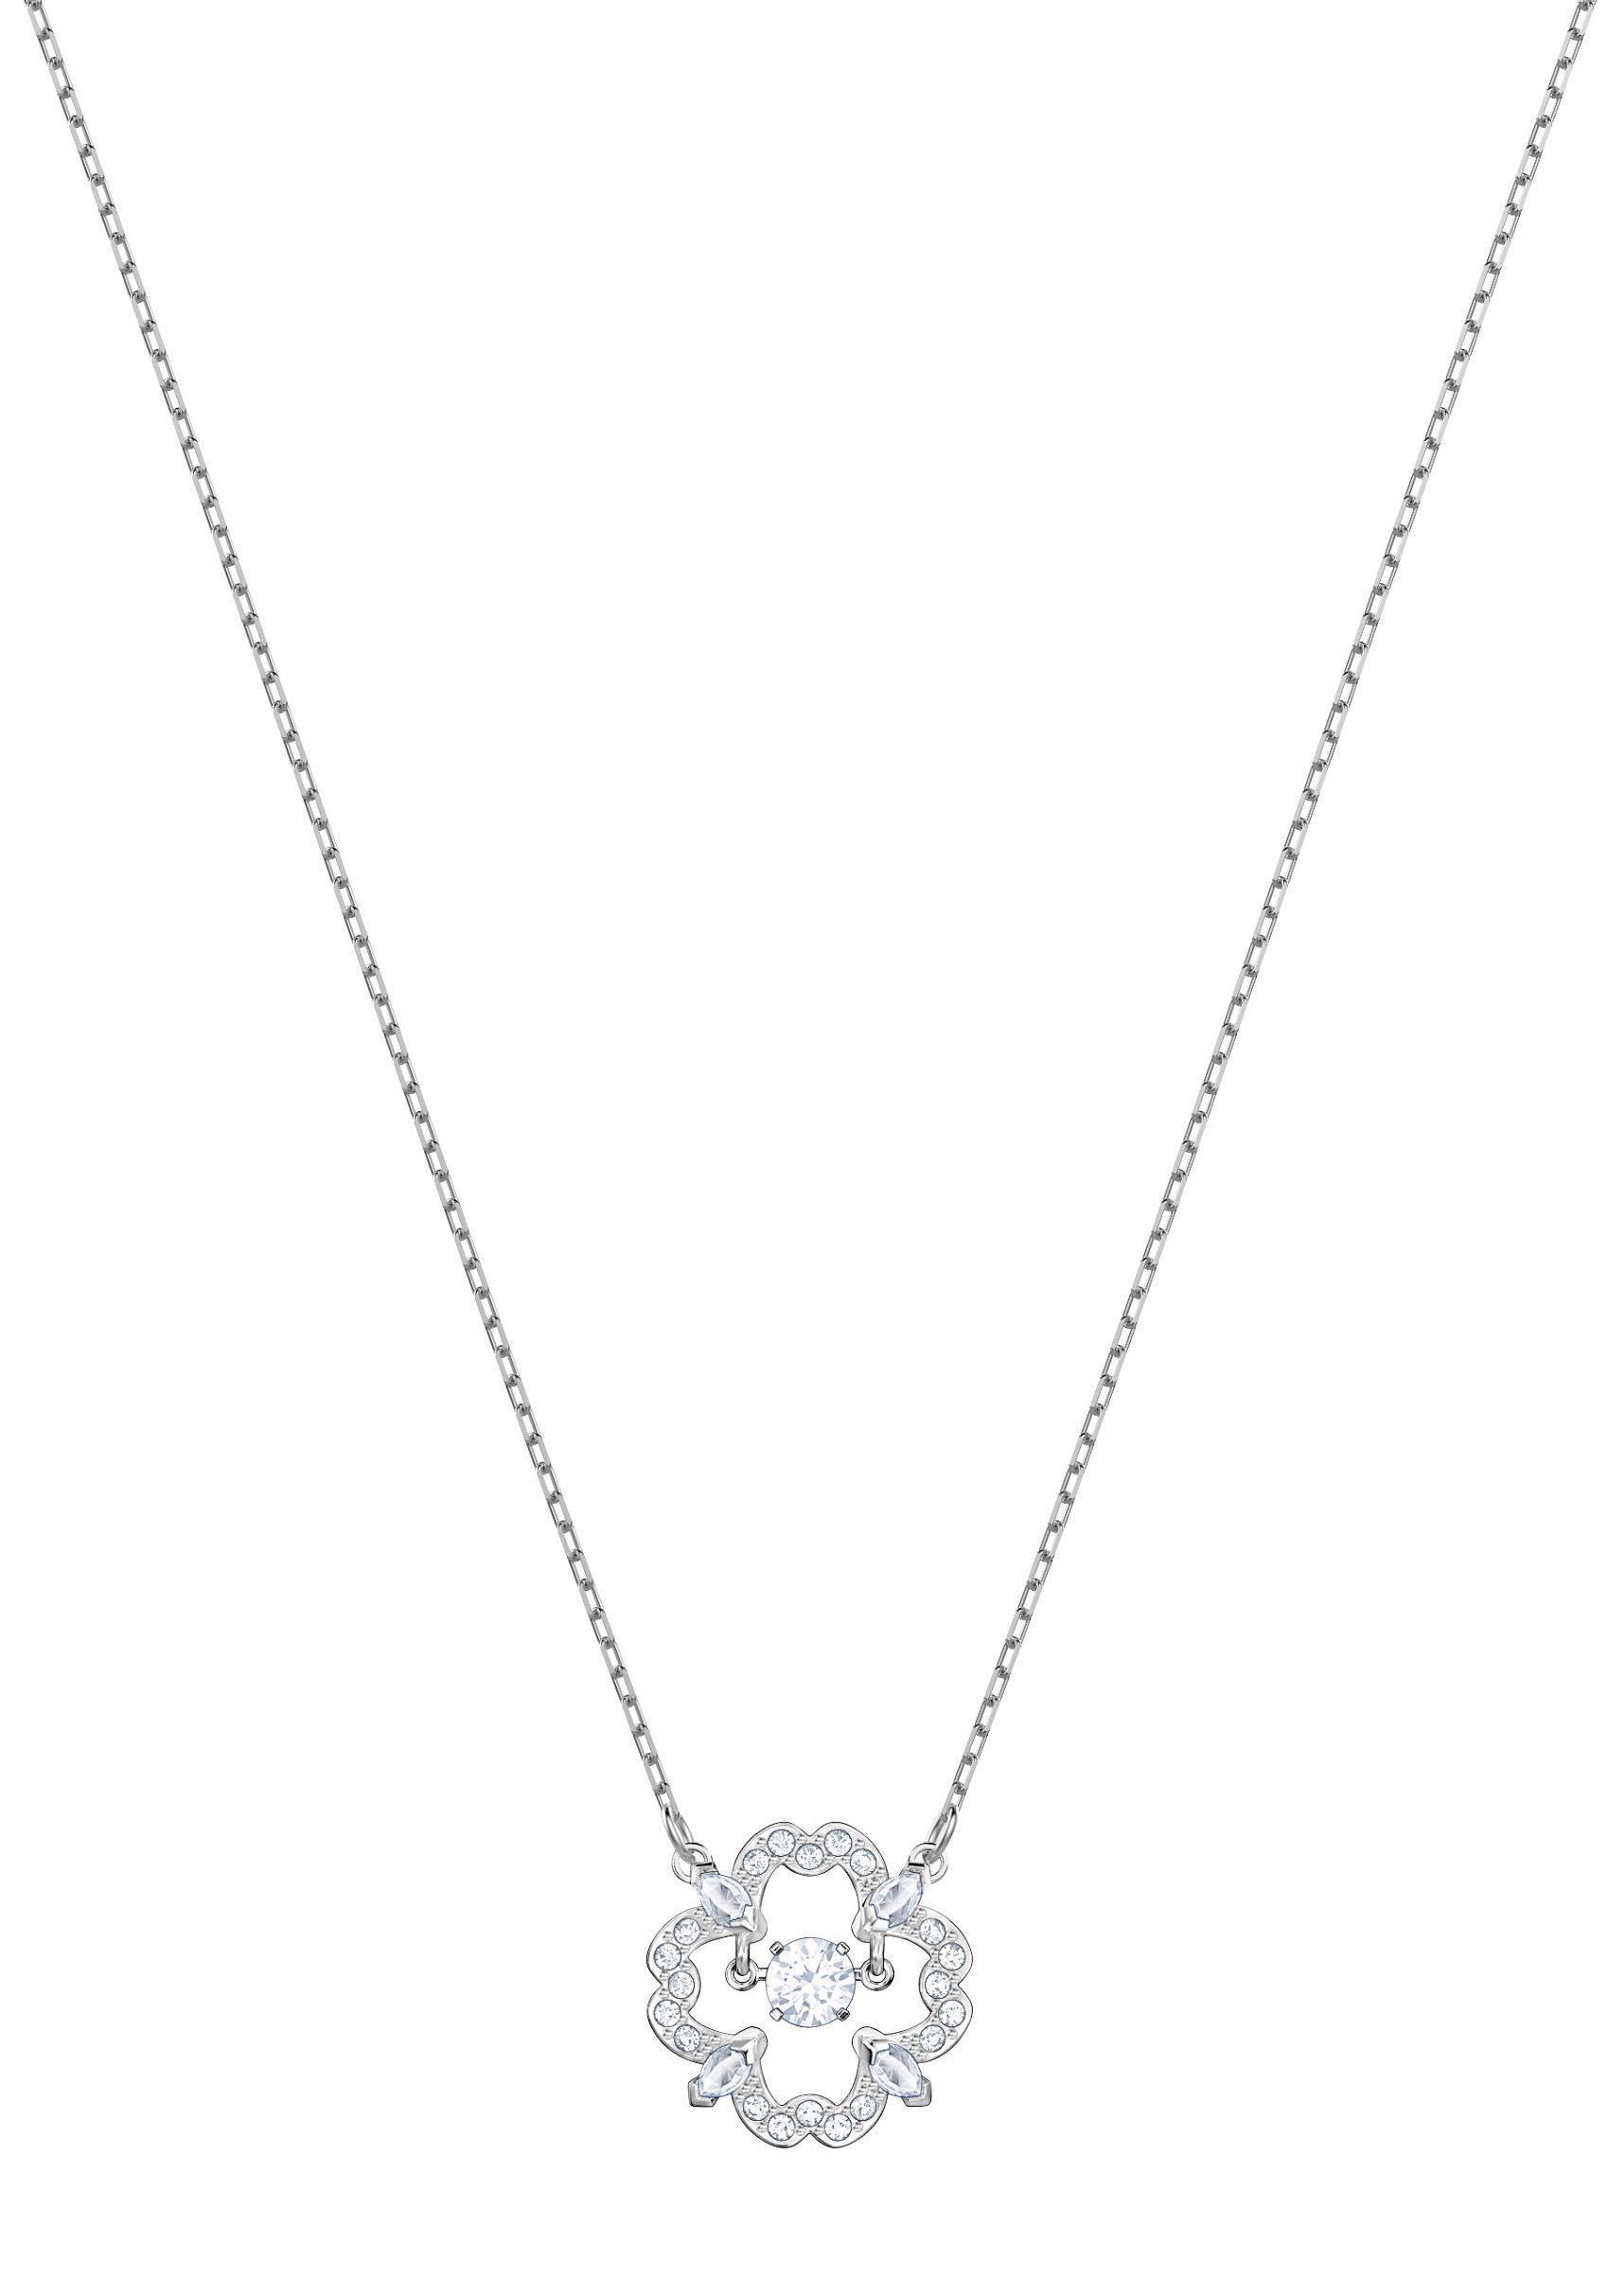 Swarovski Kette mit Anhänger »Sparkling Dance Flower Halskette, weiss, rhodiniert, 5392759« mit Swarovski® Kristallen